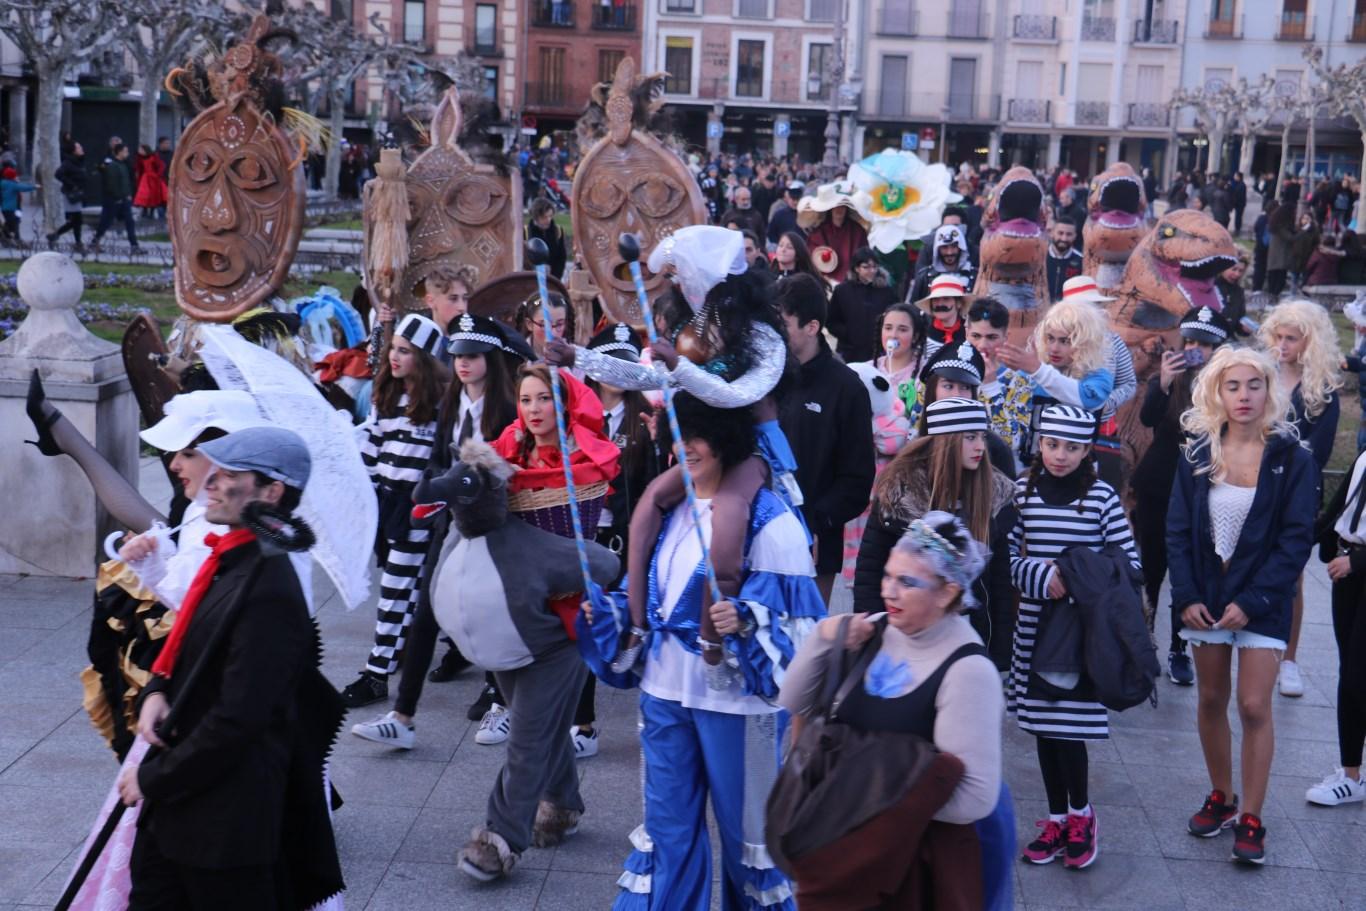 Concursos de disfraces, pasacalles y un gran baile para el Carnaval ...